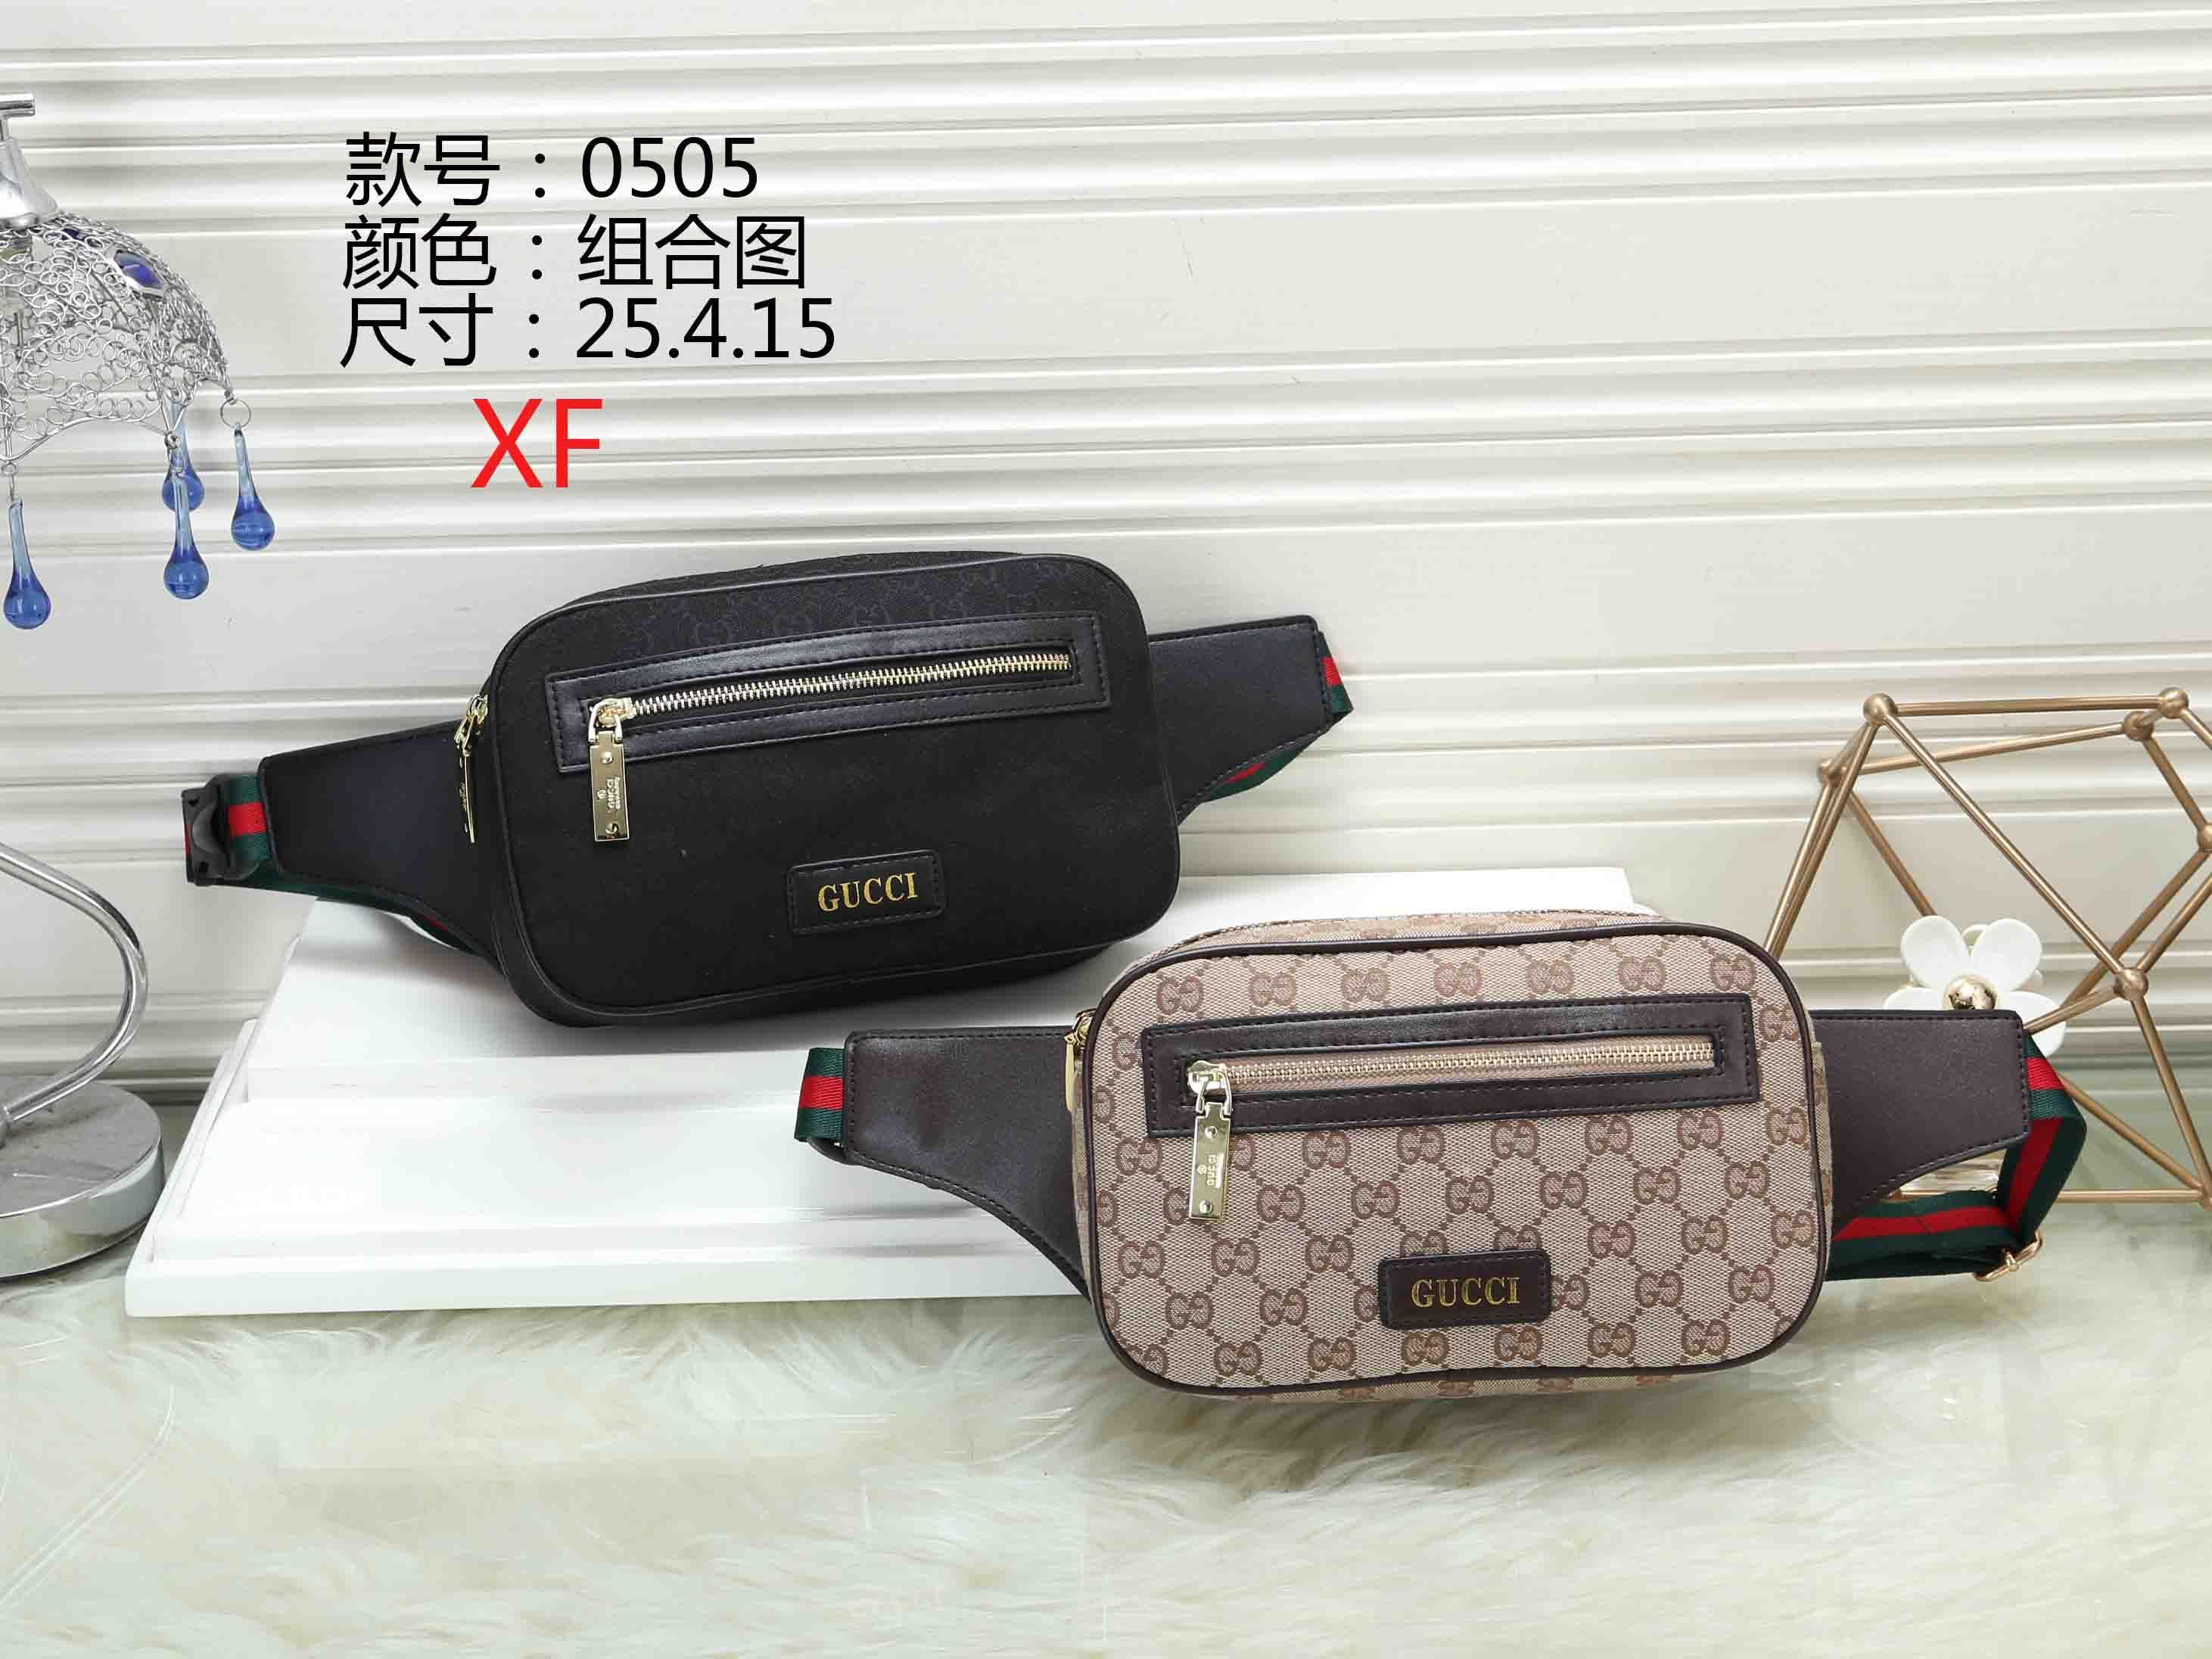 Compre Diseñadores De La Marca Caliente Pu Bolsas De Cintura Mujeres Fanny  Pack Bolsas Bum Bolsa Cinturón Bolso Hombres Mujeres Dinero Teléfono Bolso  De La ... d02cd256d232